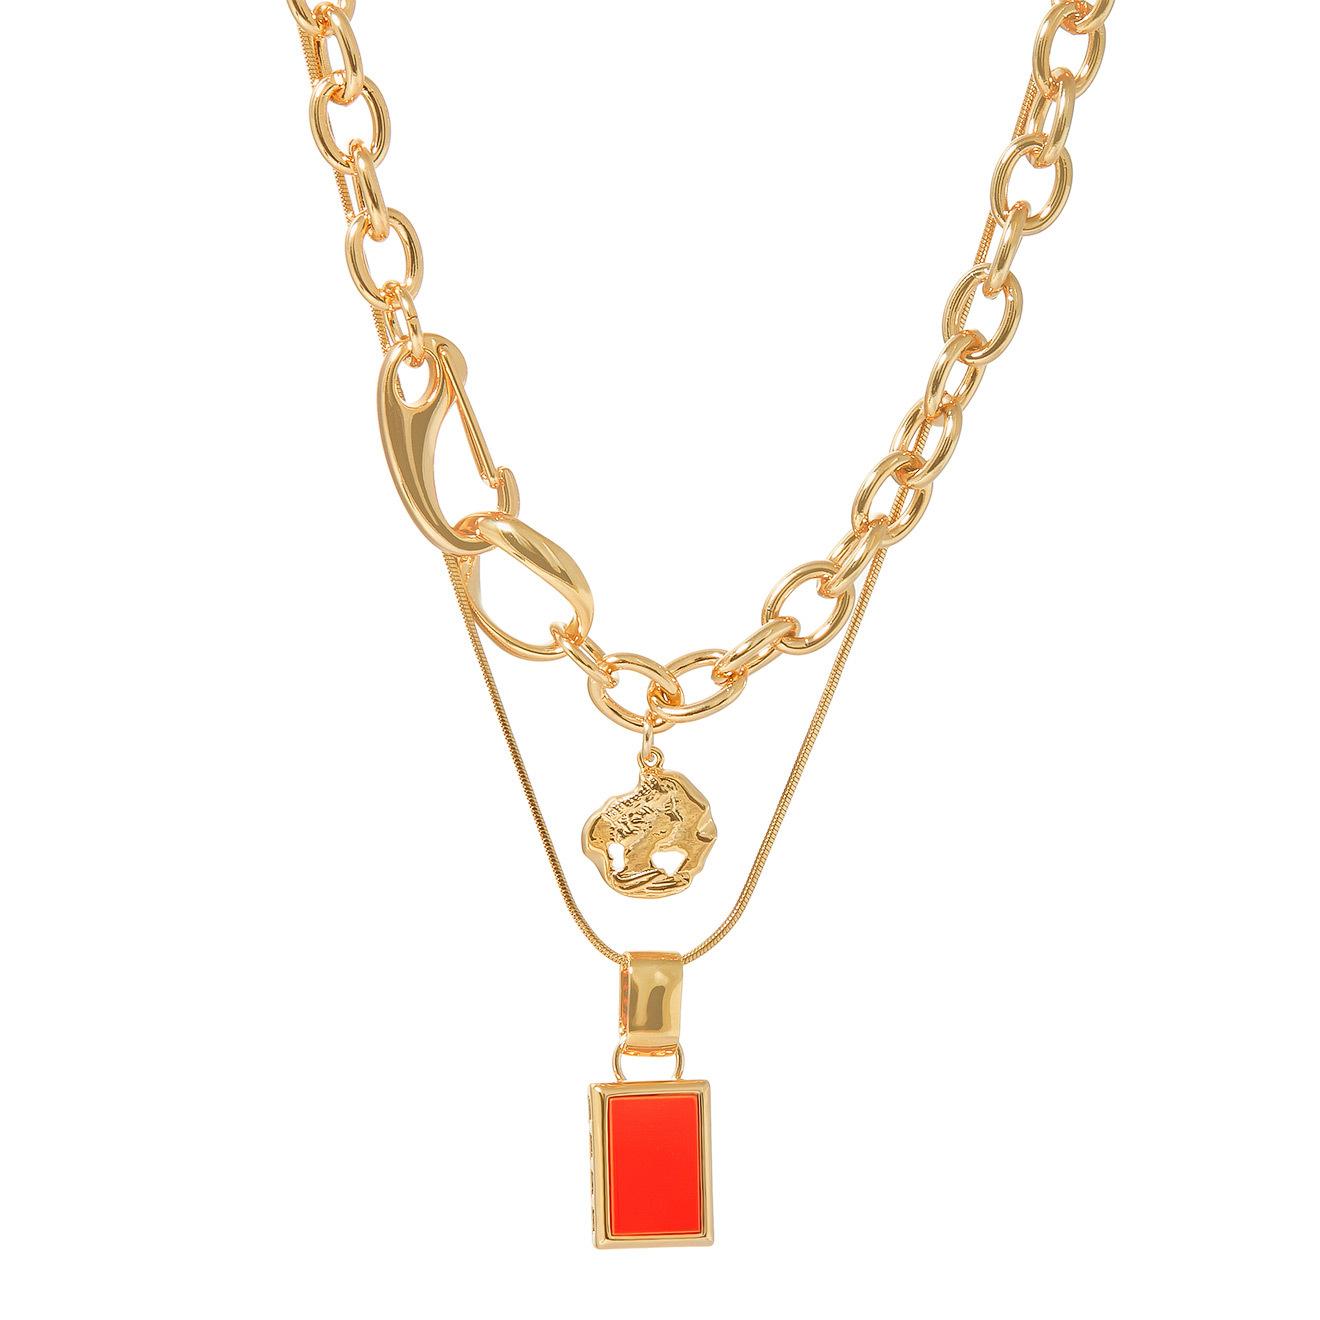 Lisa Smith Двойное золотистое колье-цепь с красной подвеской недорого